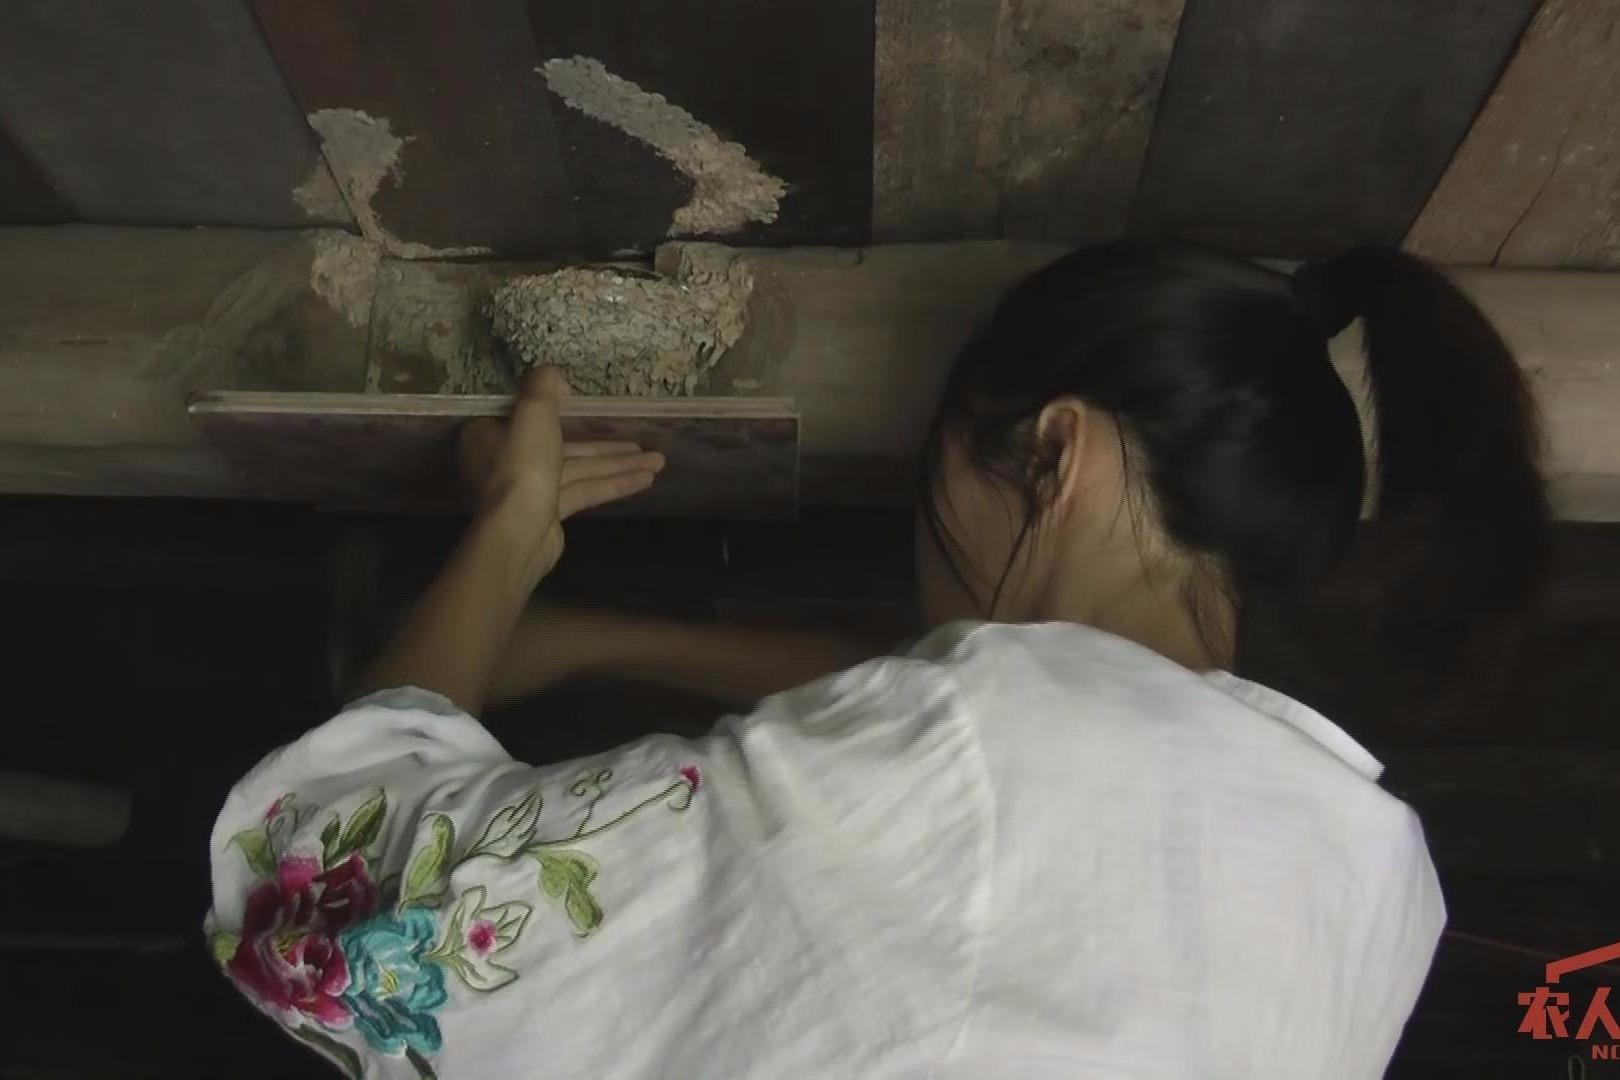 姑娘在燕子窝下面钉这么一块木板,既防粪便又防小燕子掉下,真好